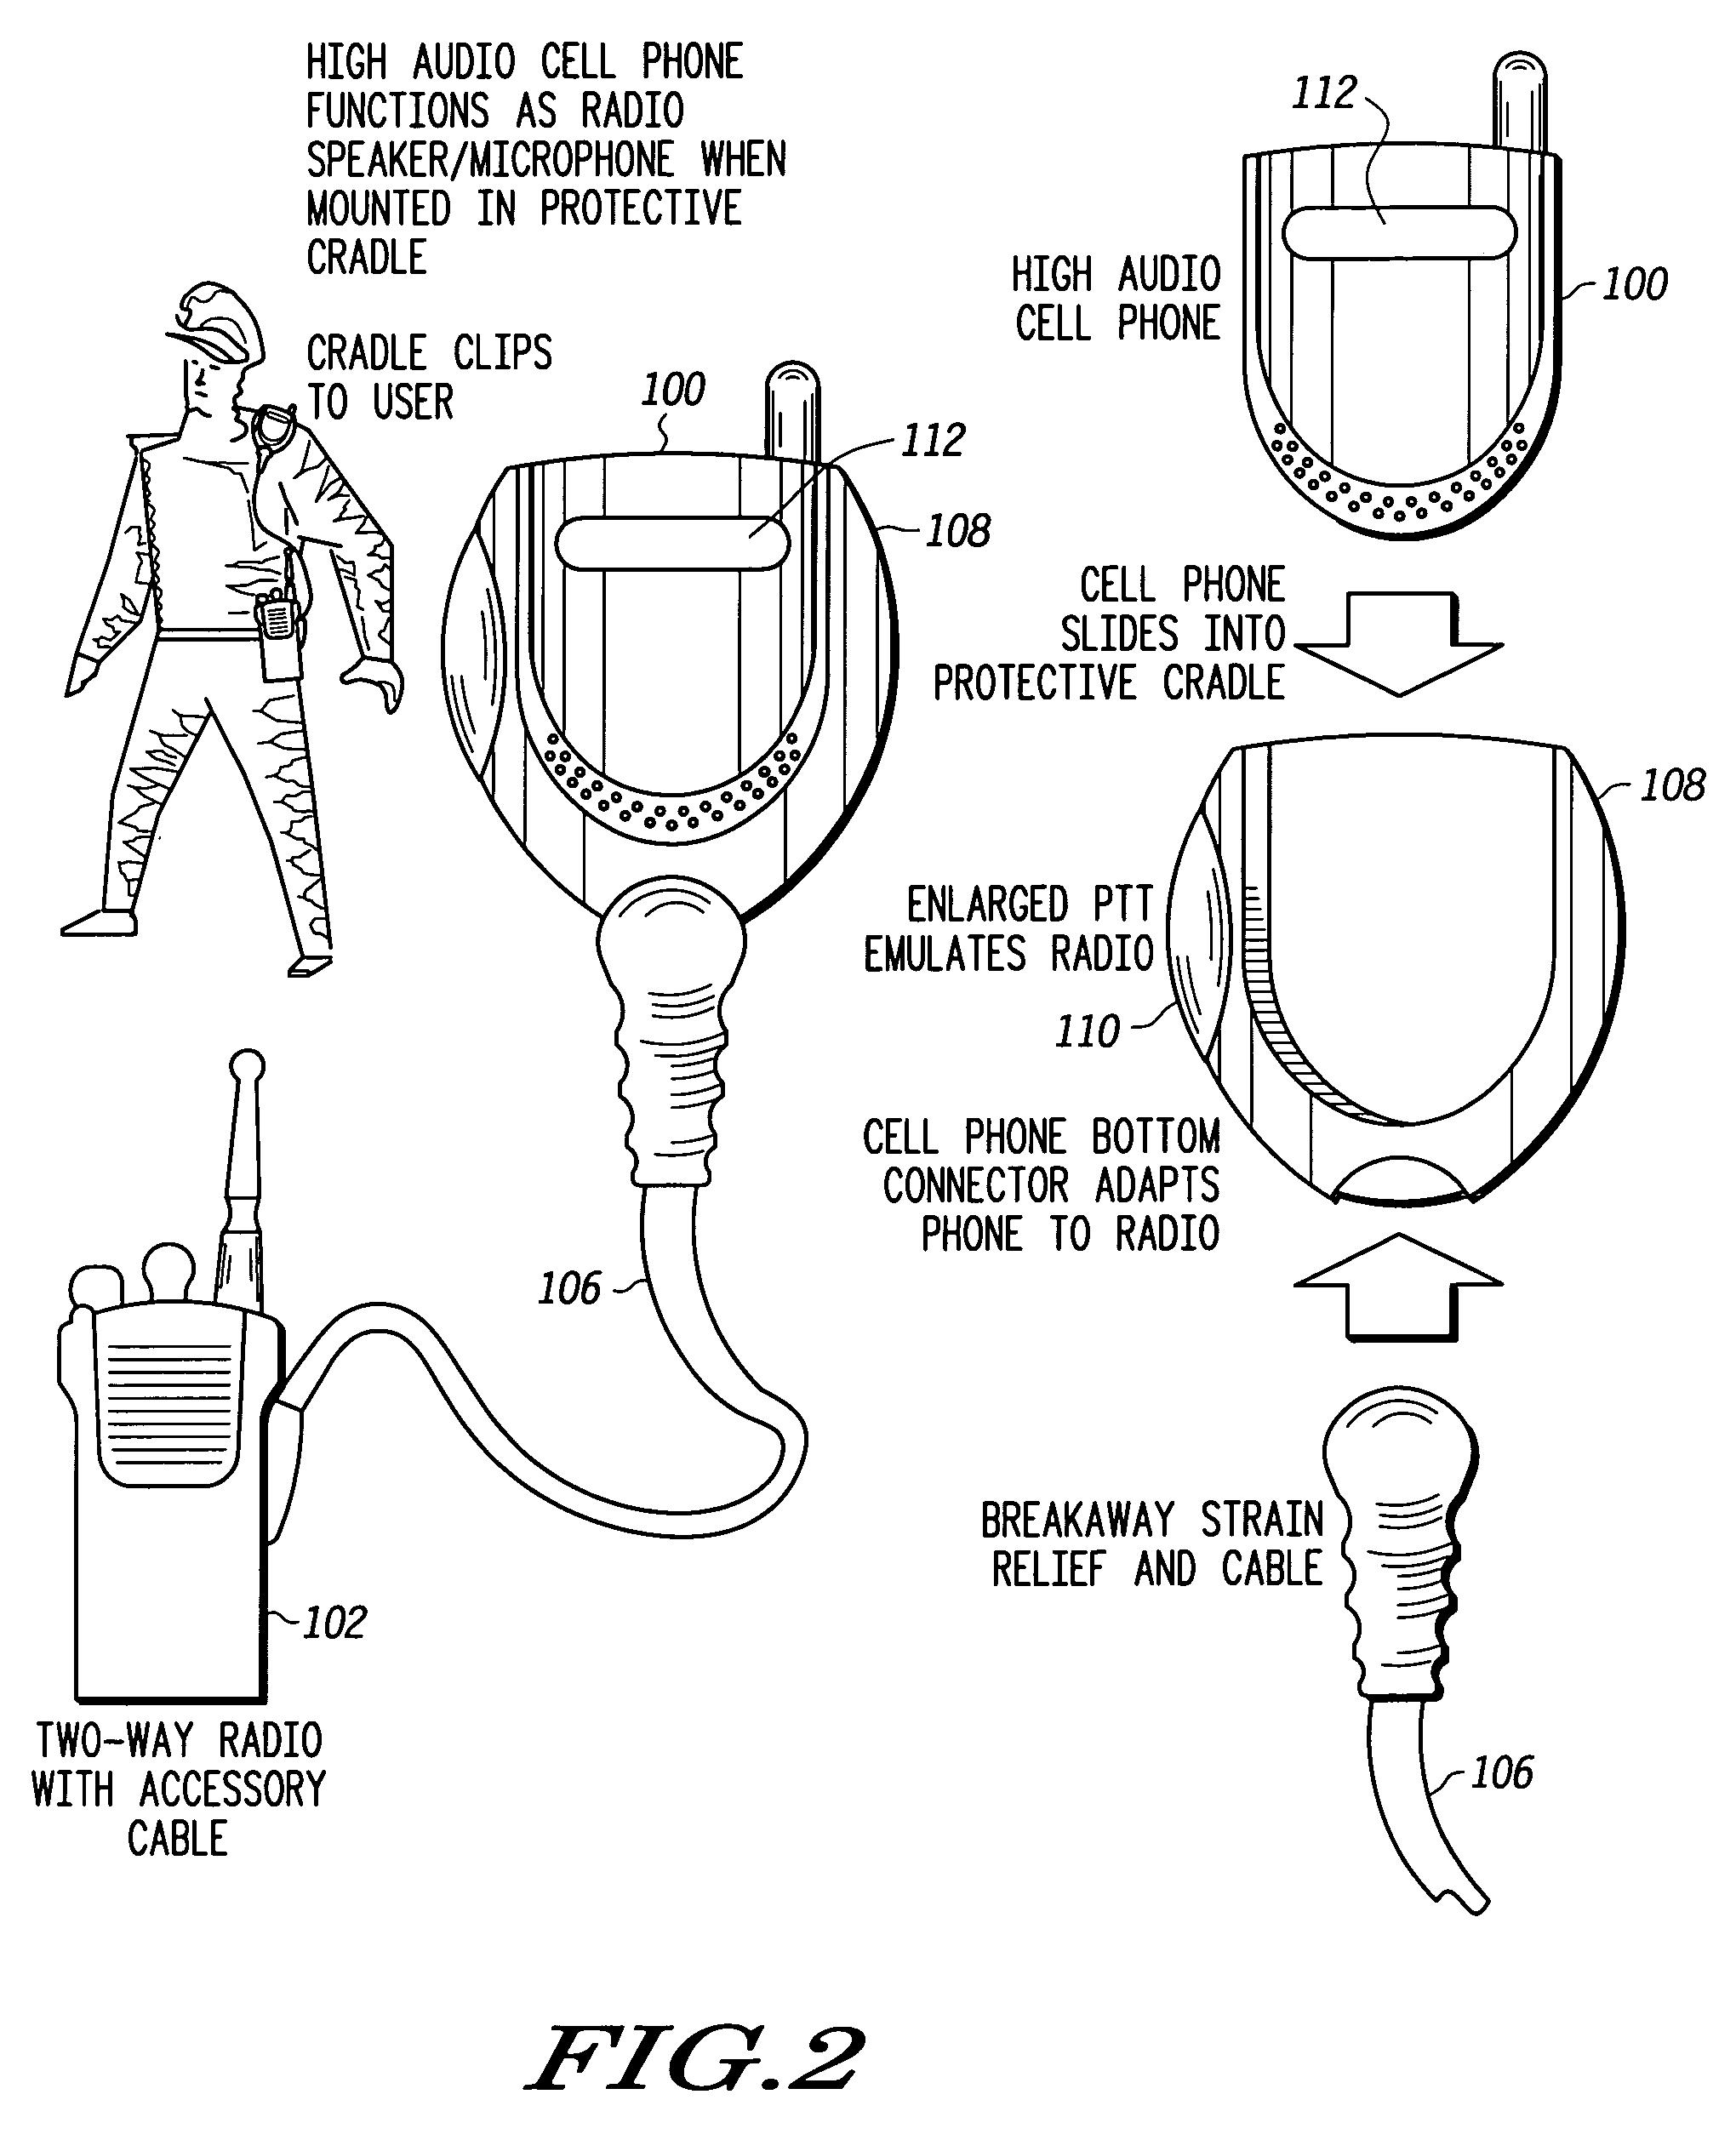 2 Way Radio Connectors